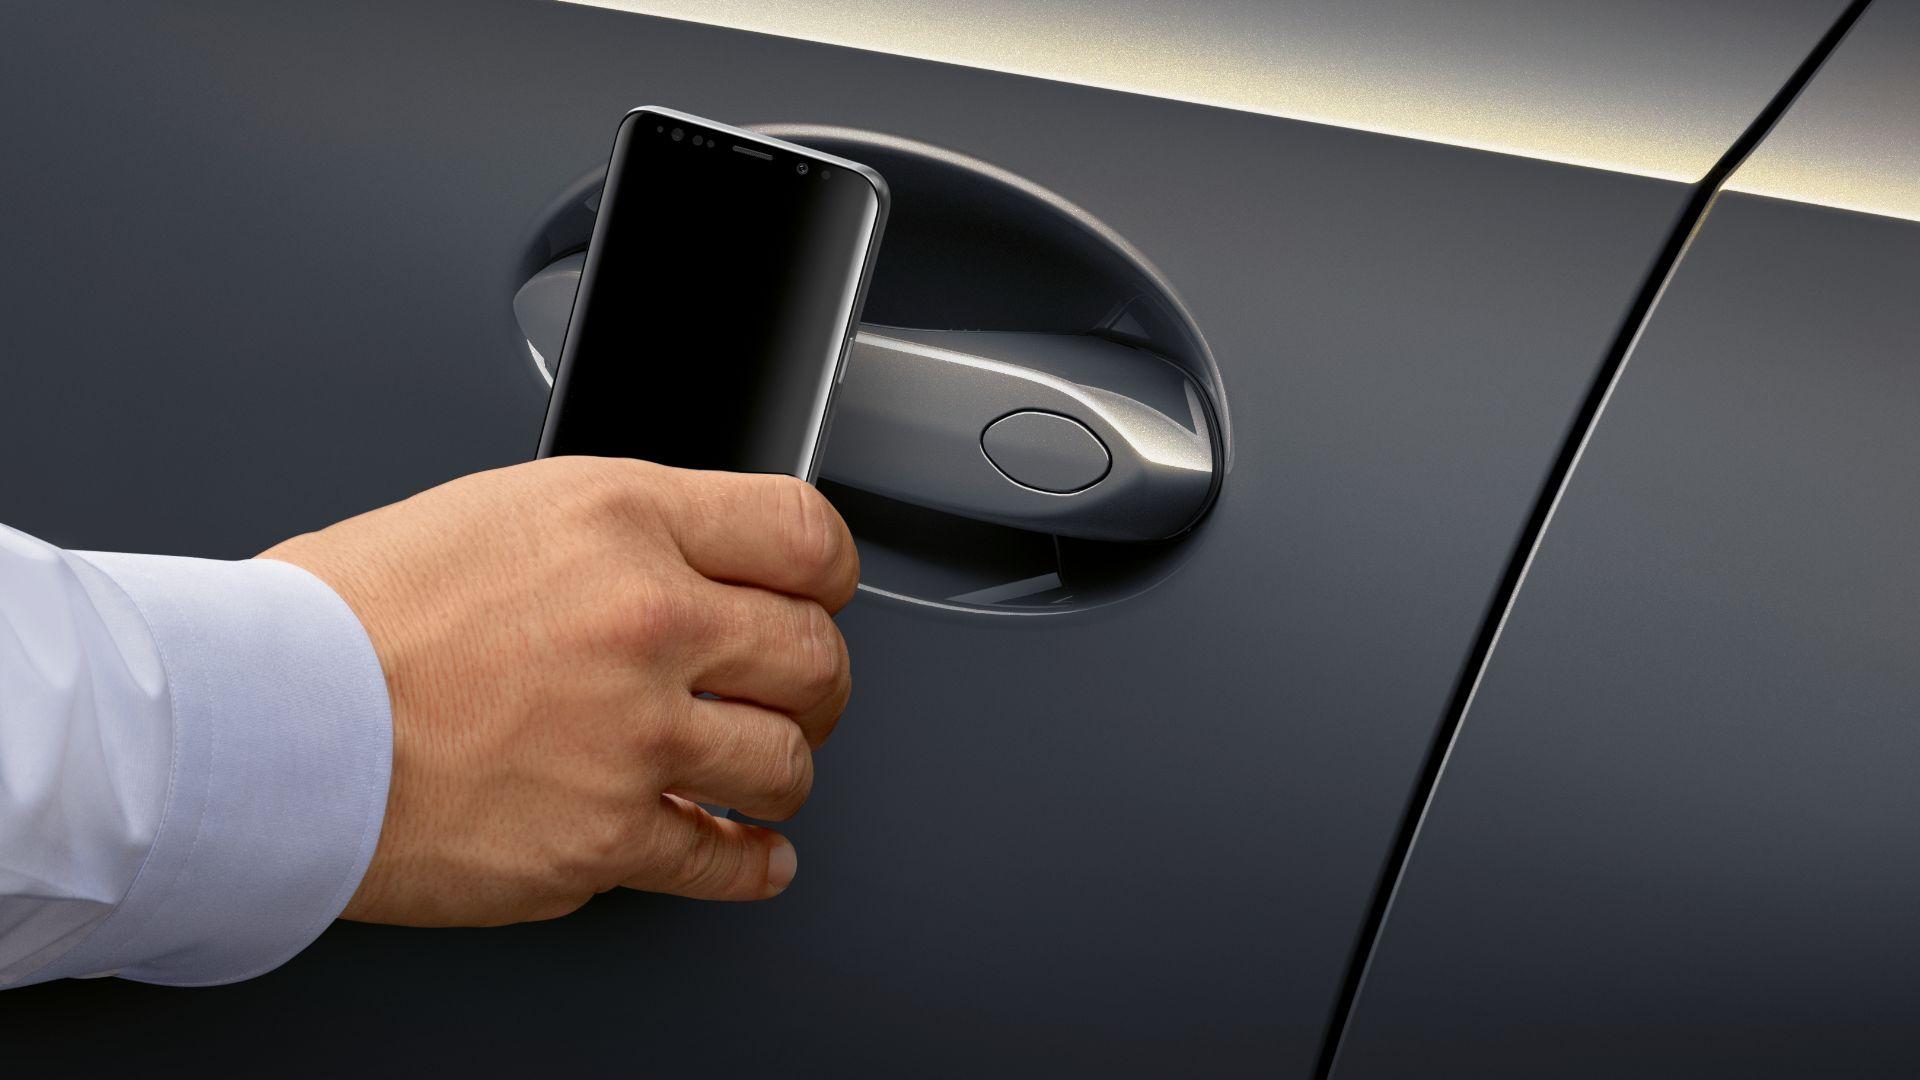 Apple prý pracuje s BMW na odemykání aut iPhonem pomocí U1 čipu